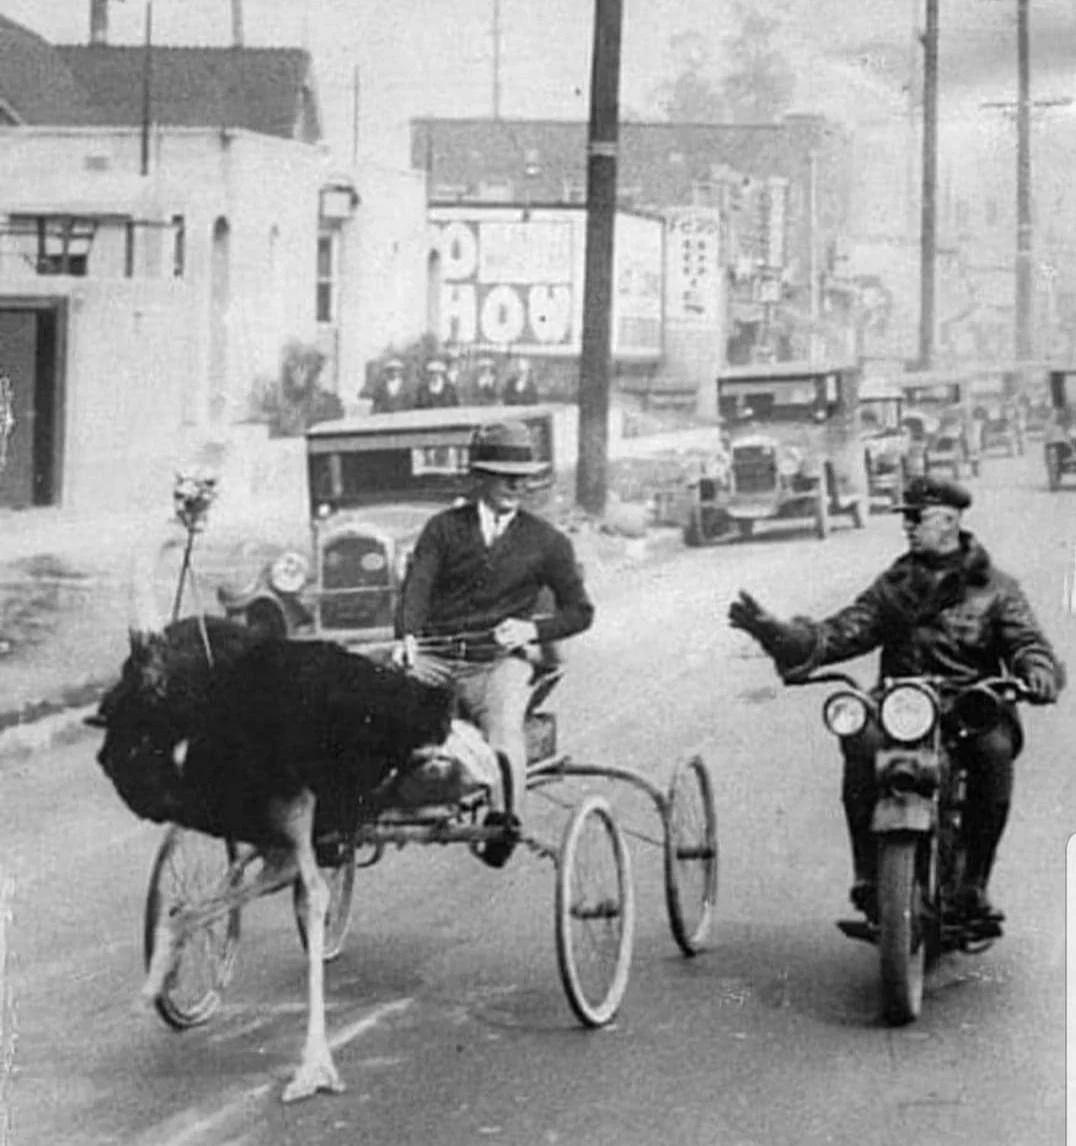 город, повозка, страус, мотоцикл